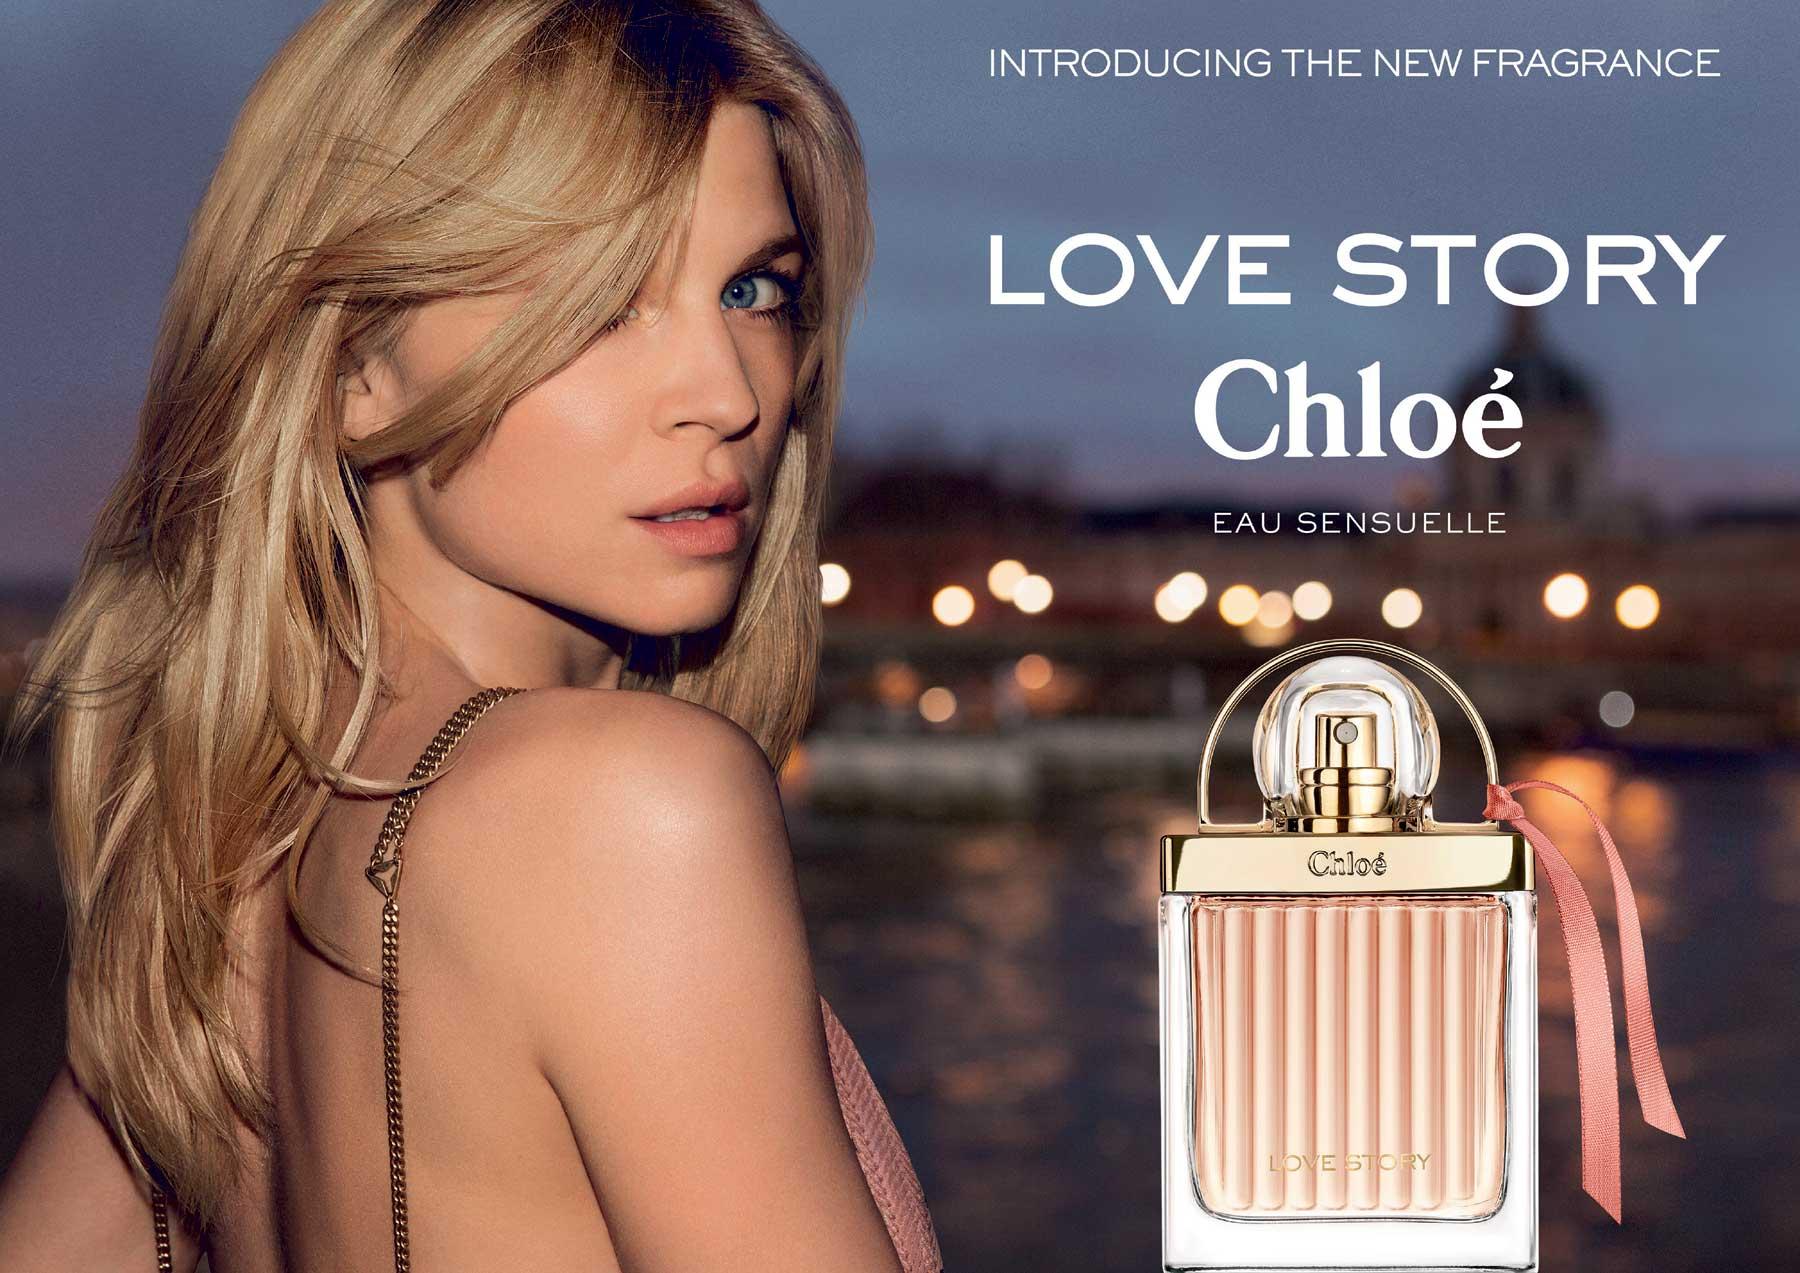 Un Femme Love Pour Nouveau Sensuelle Eau Parfum Story Chloé iZkPXu